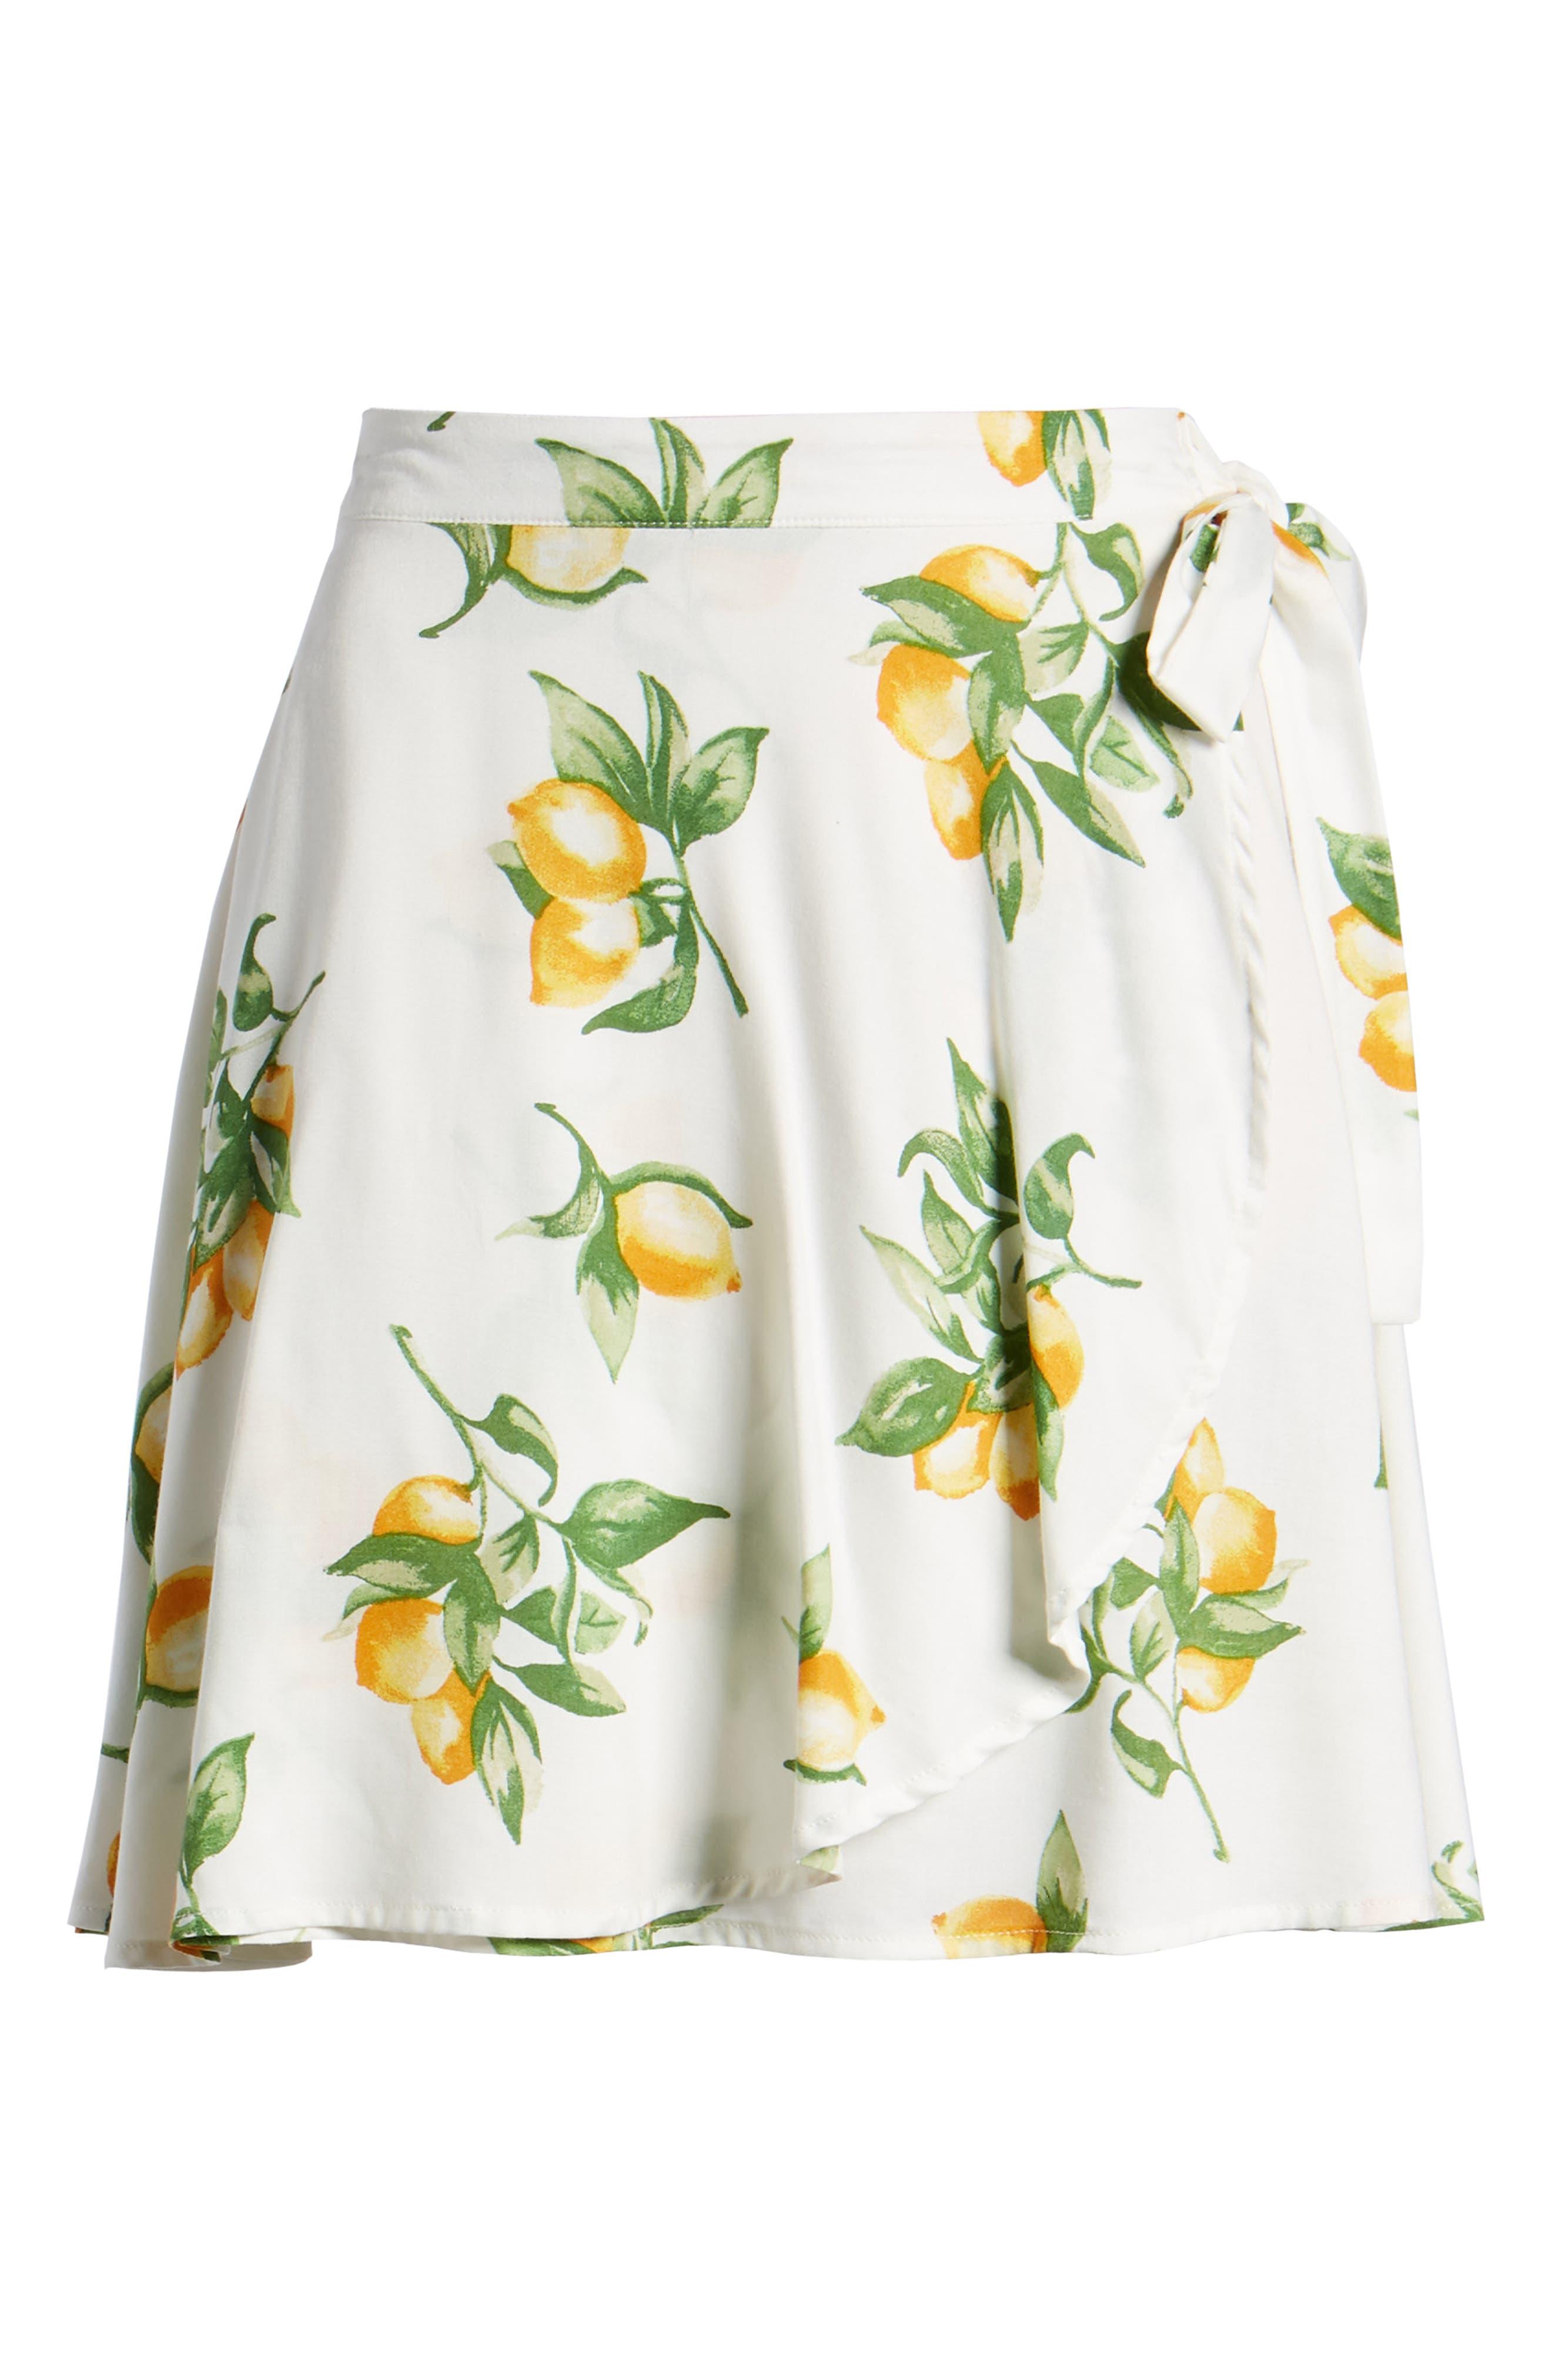 Fruit Print Side Tie Skirt,                             Alternate thumbnail 6, color,                             Ivory Lemon Print